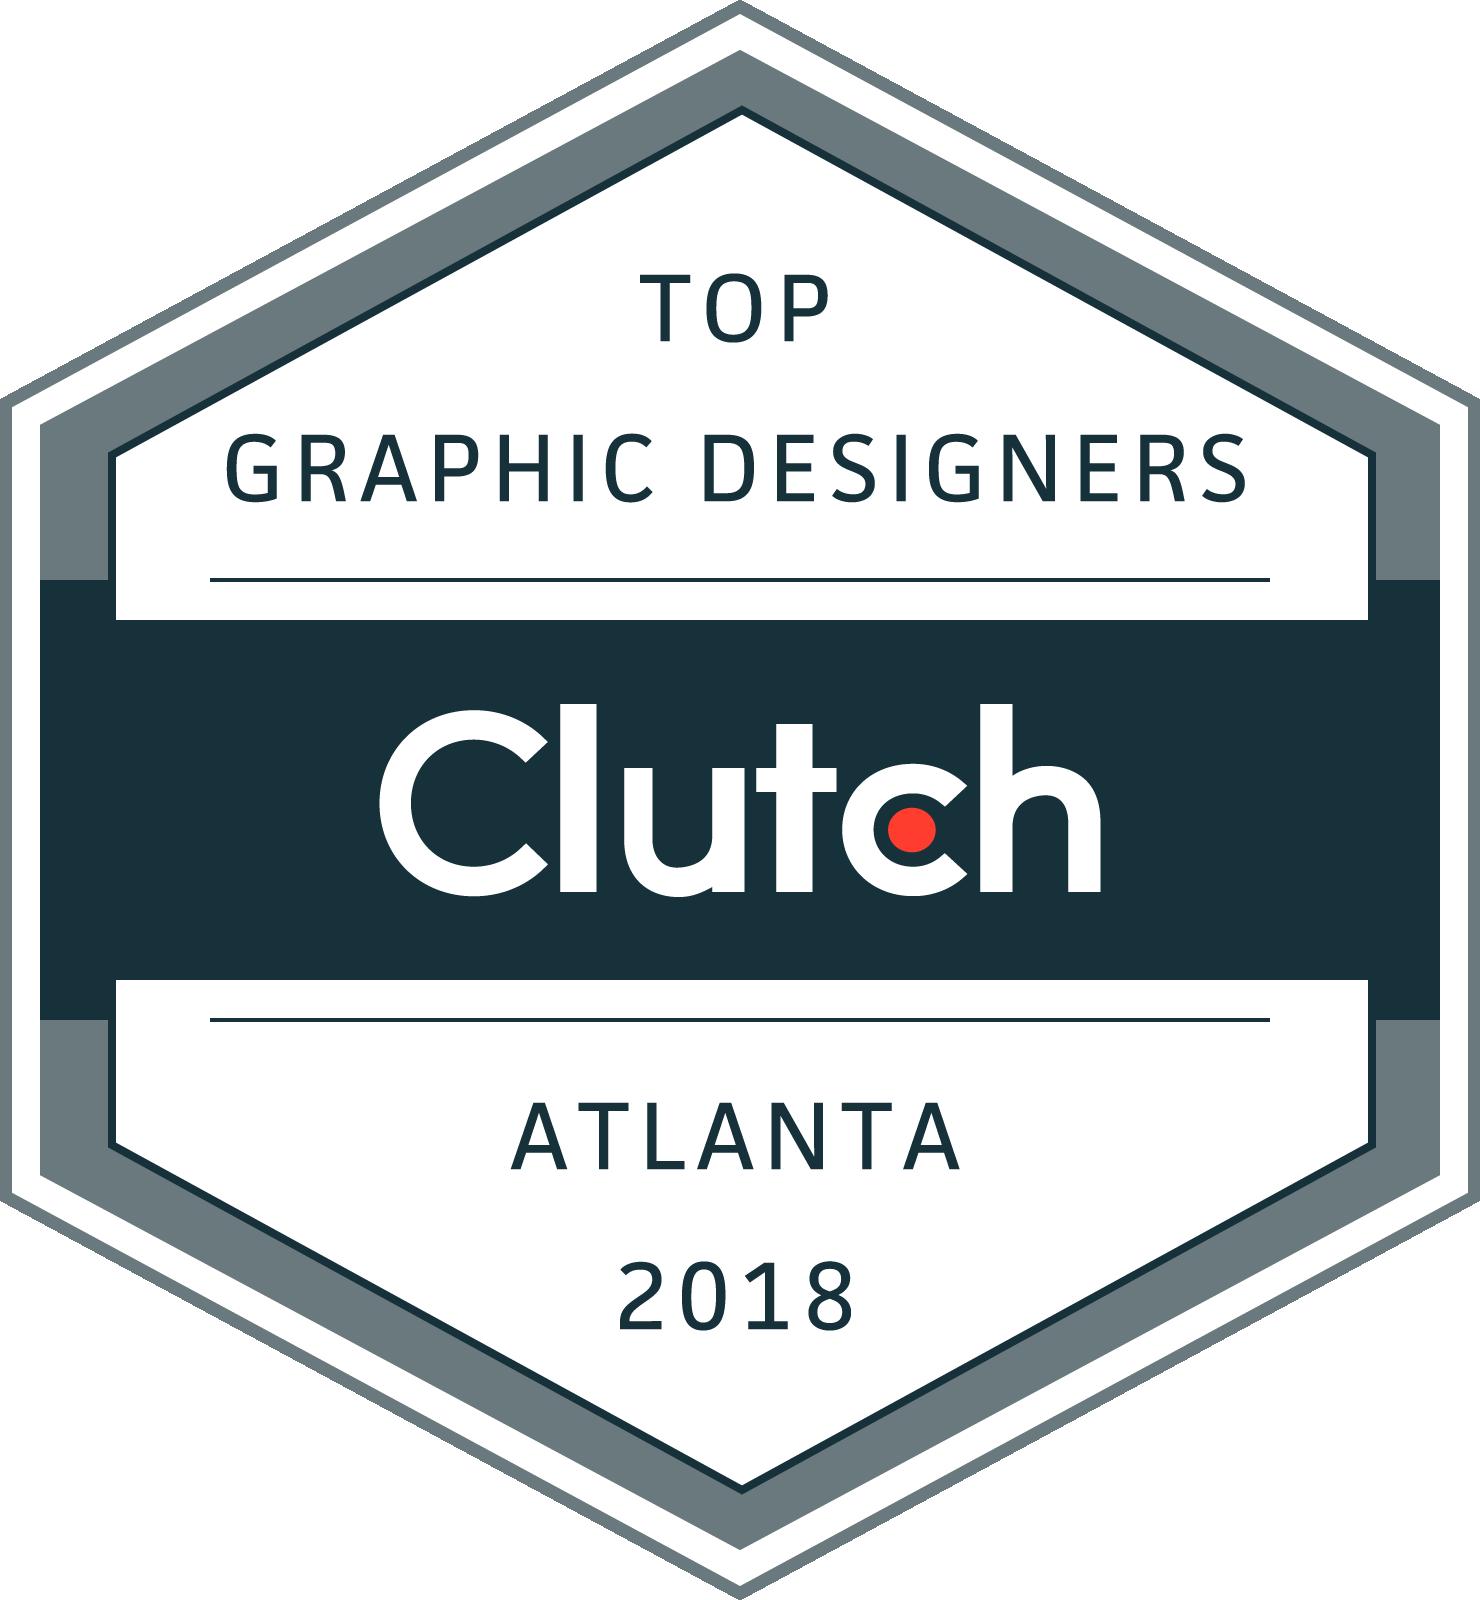 Graphic_Designers_Atlanta_2018.png